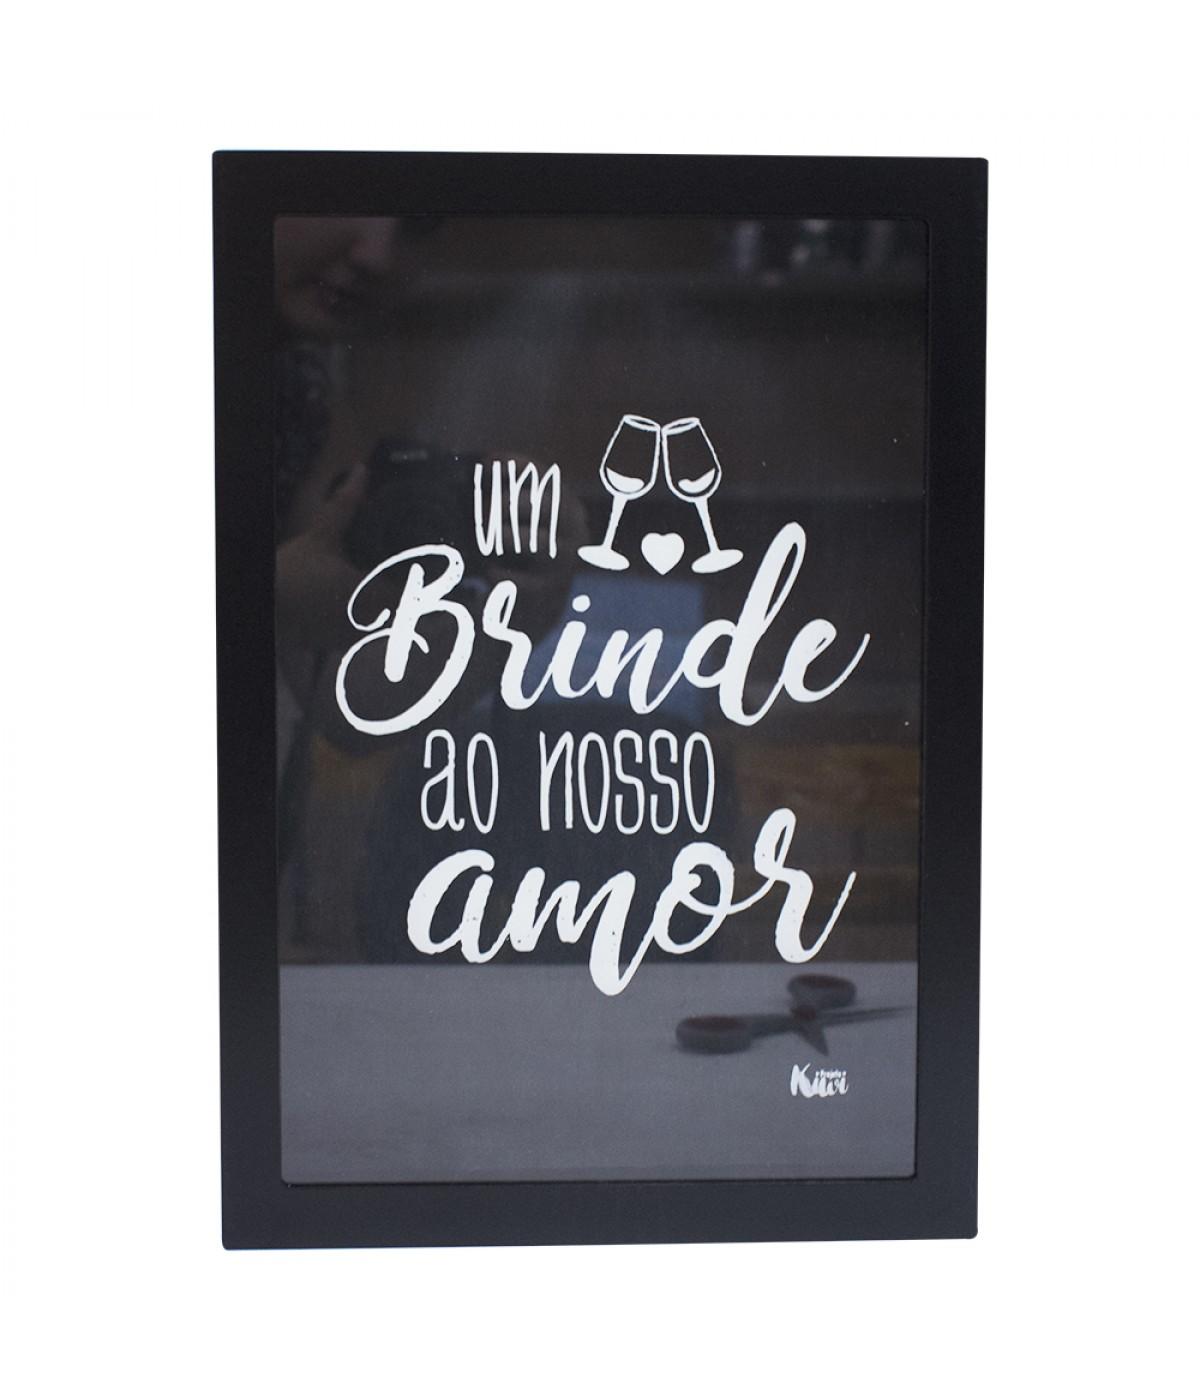 Porta rolhas preto Brinde ao nosso amor - Projeto Kiwi